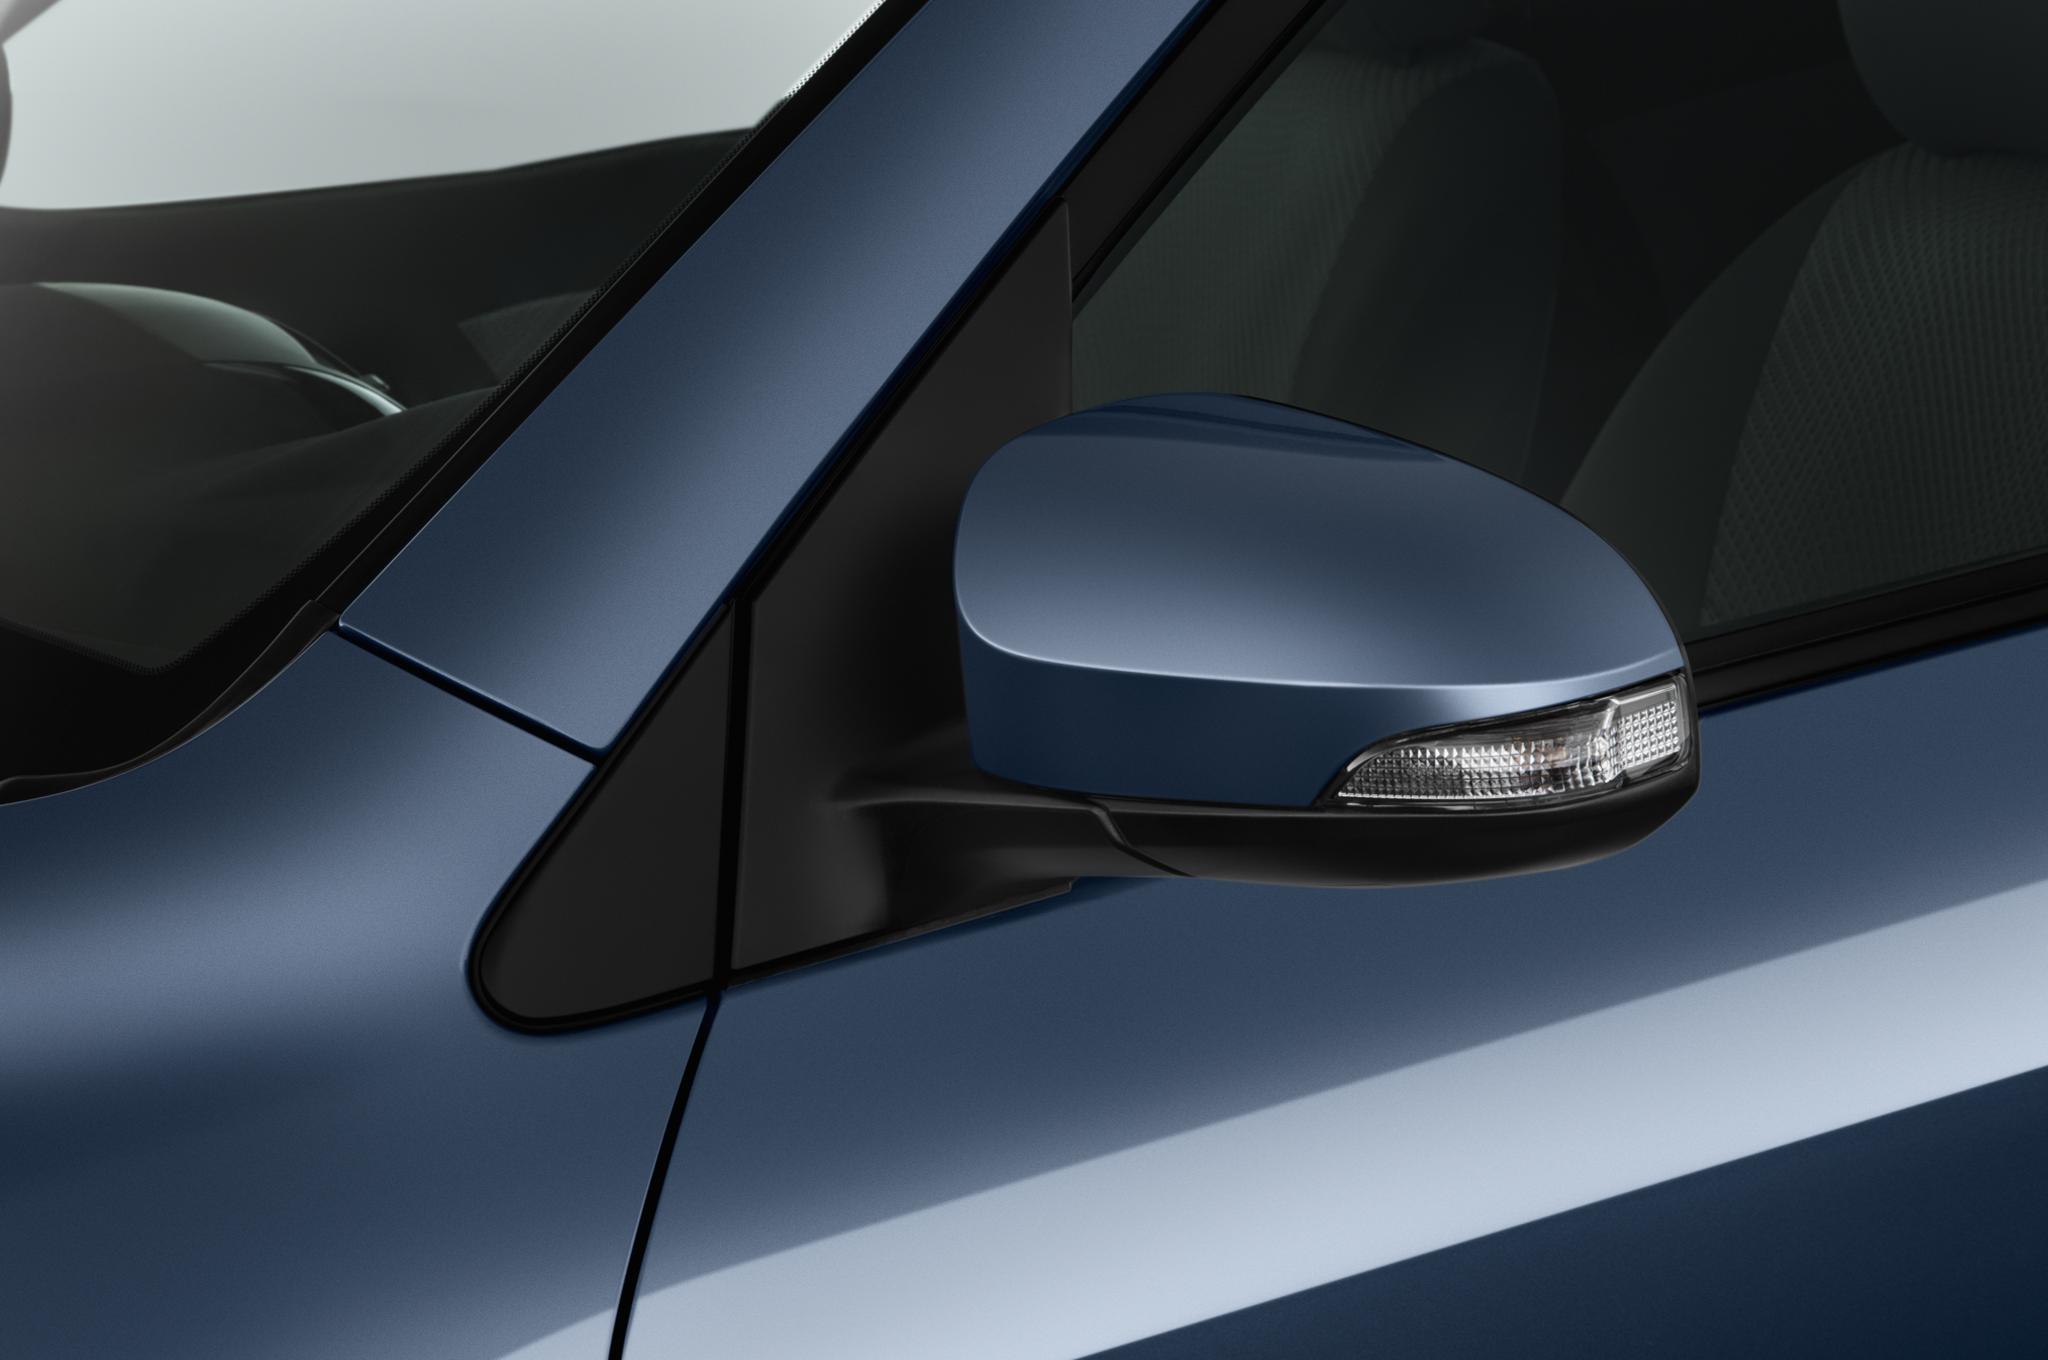 2015 toyota rav consumer consumer report crash test autos post